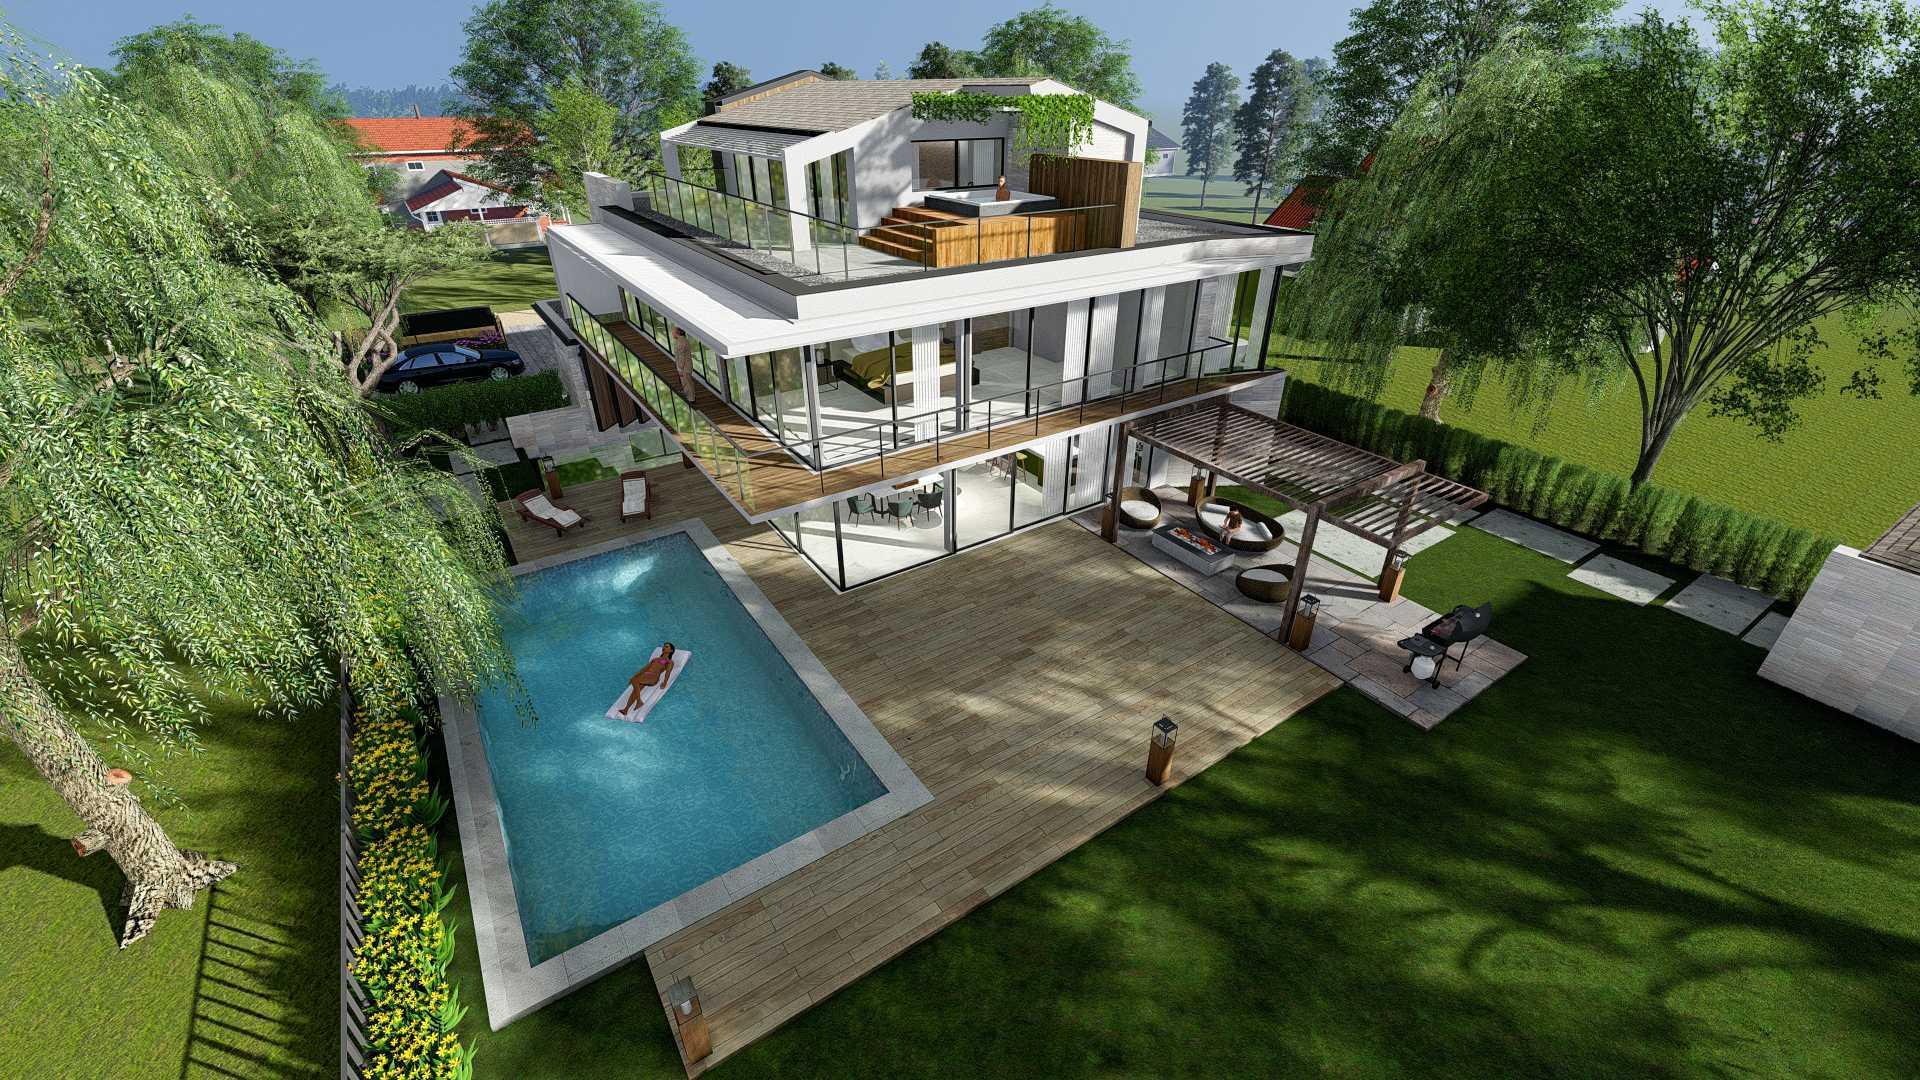 Bral Architect Alpen House In Germany 46519 Alpen, Jerman 46519 Alpen, Jerman Bral-Architect-Alpen-House-In-Germany  99887